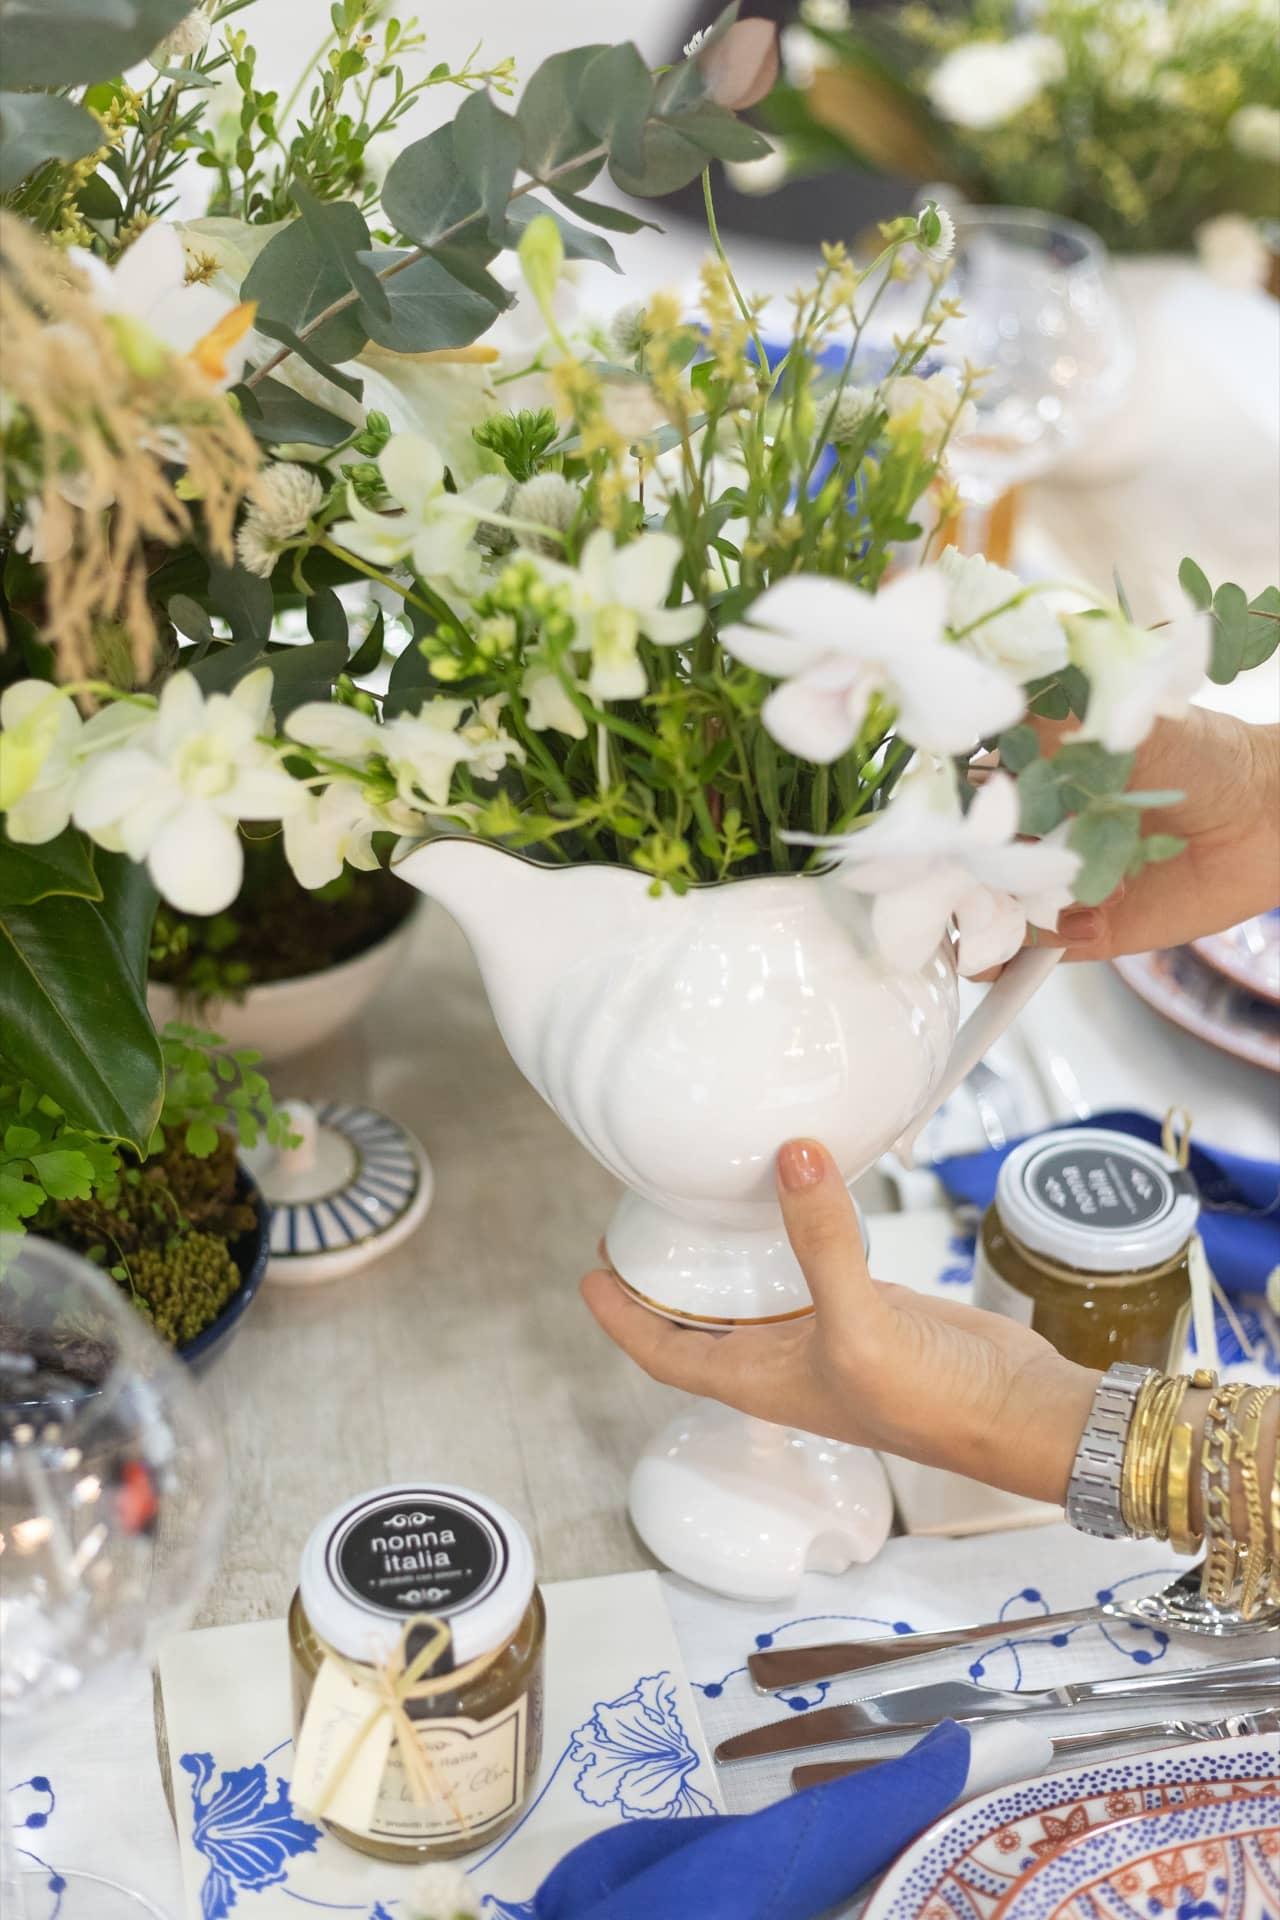 Imagem: No final da refeição, cada convidado leva para casa seu vidro de geleia. É uma forma carinhosa de prolongar o evento. Foto: Carolina Prieto.